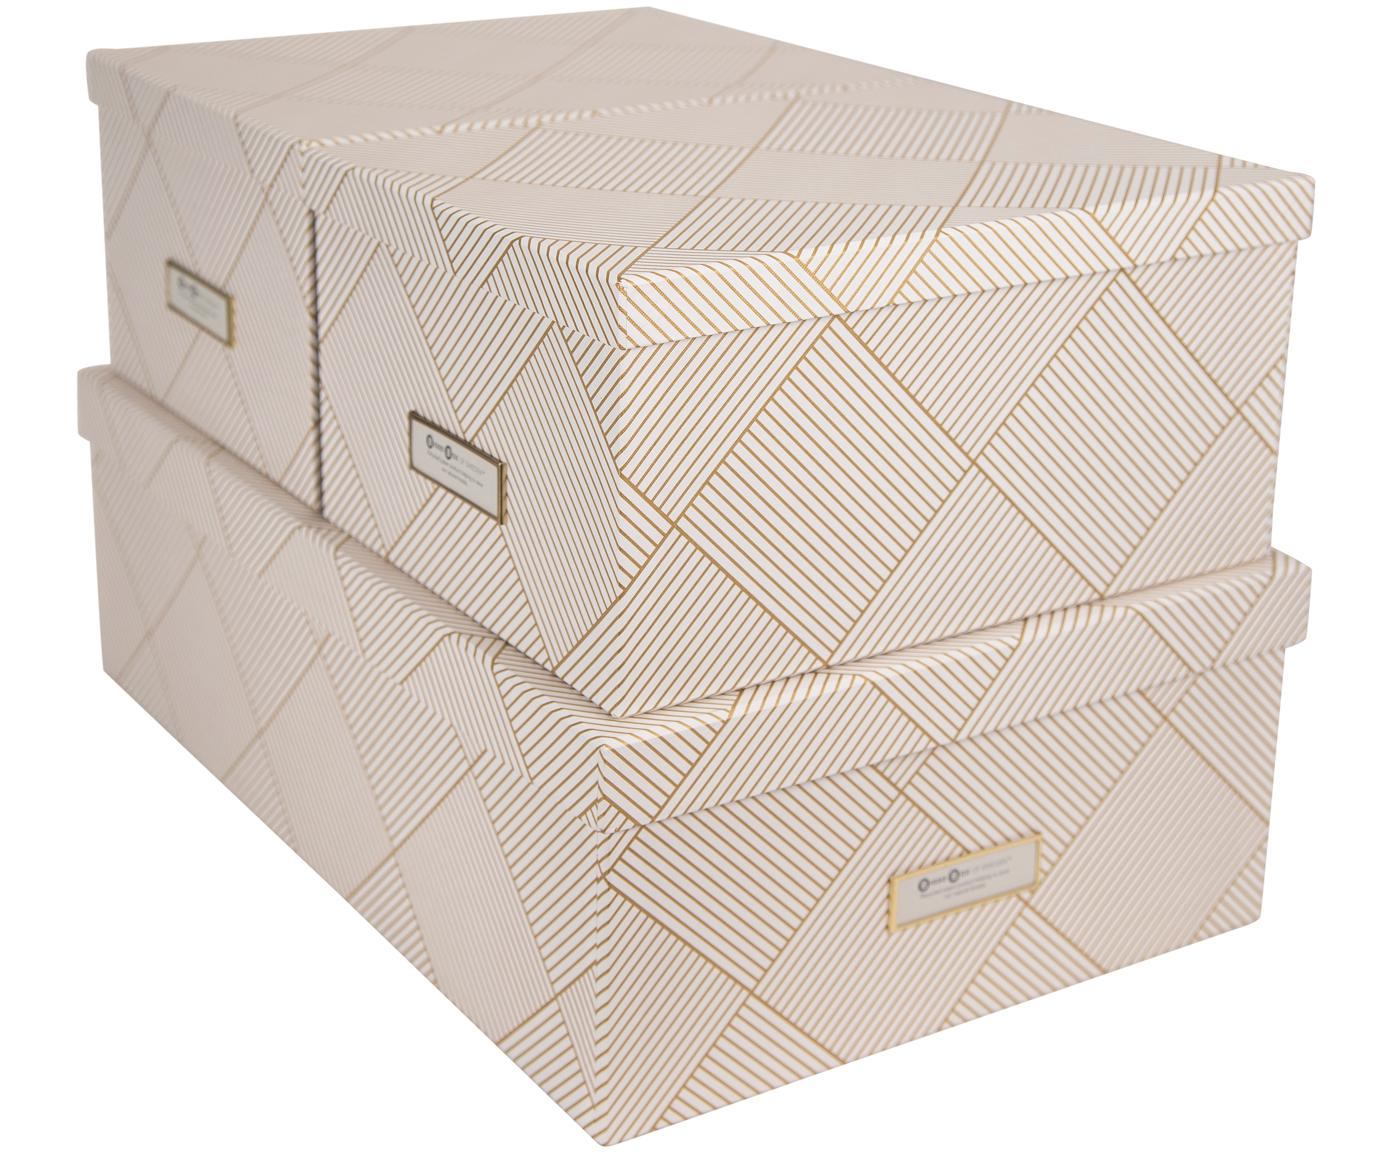 Aufbewahrungsboxen-Set Inge, 3-tlg., Box: Fester, laminierter Karto, Goldfarben, Weiß, Sondergrößen